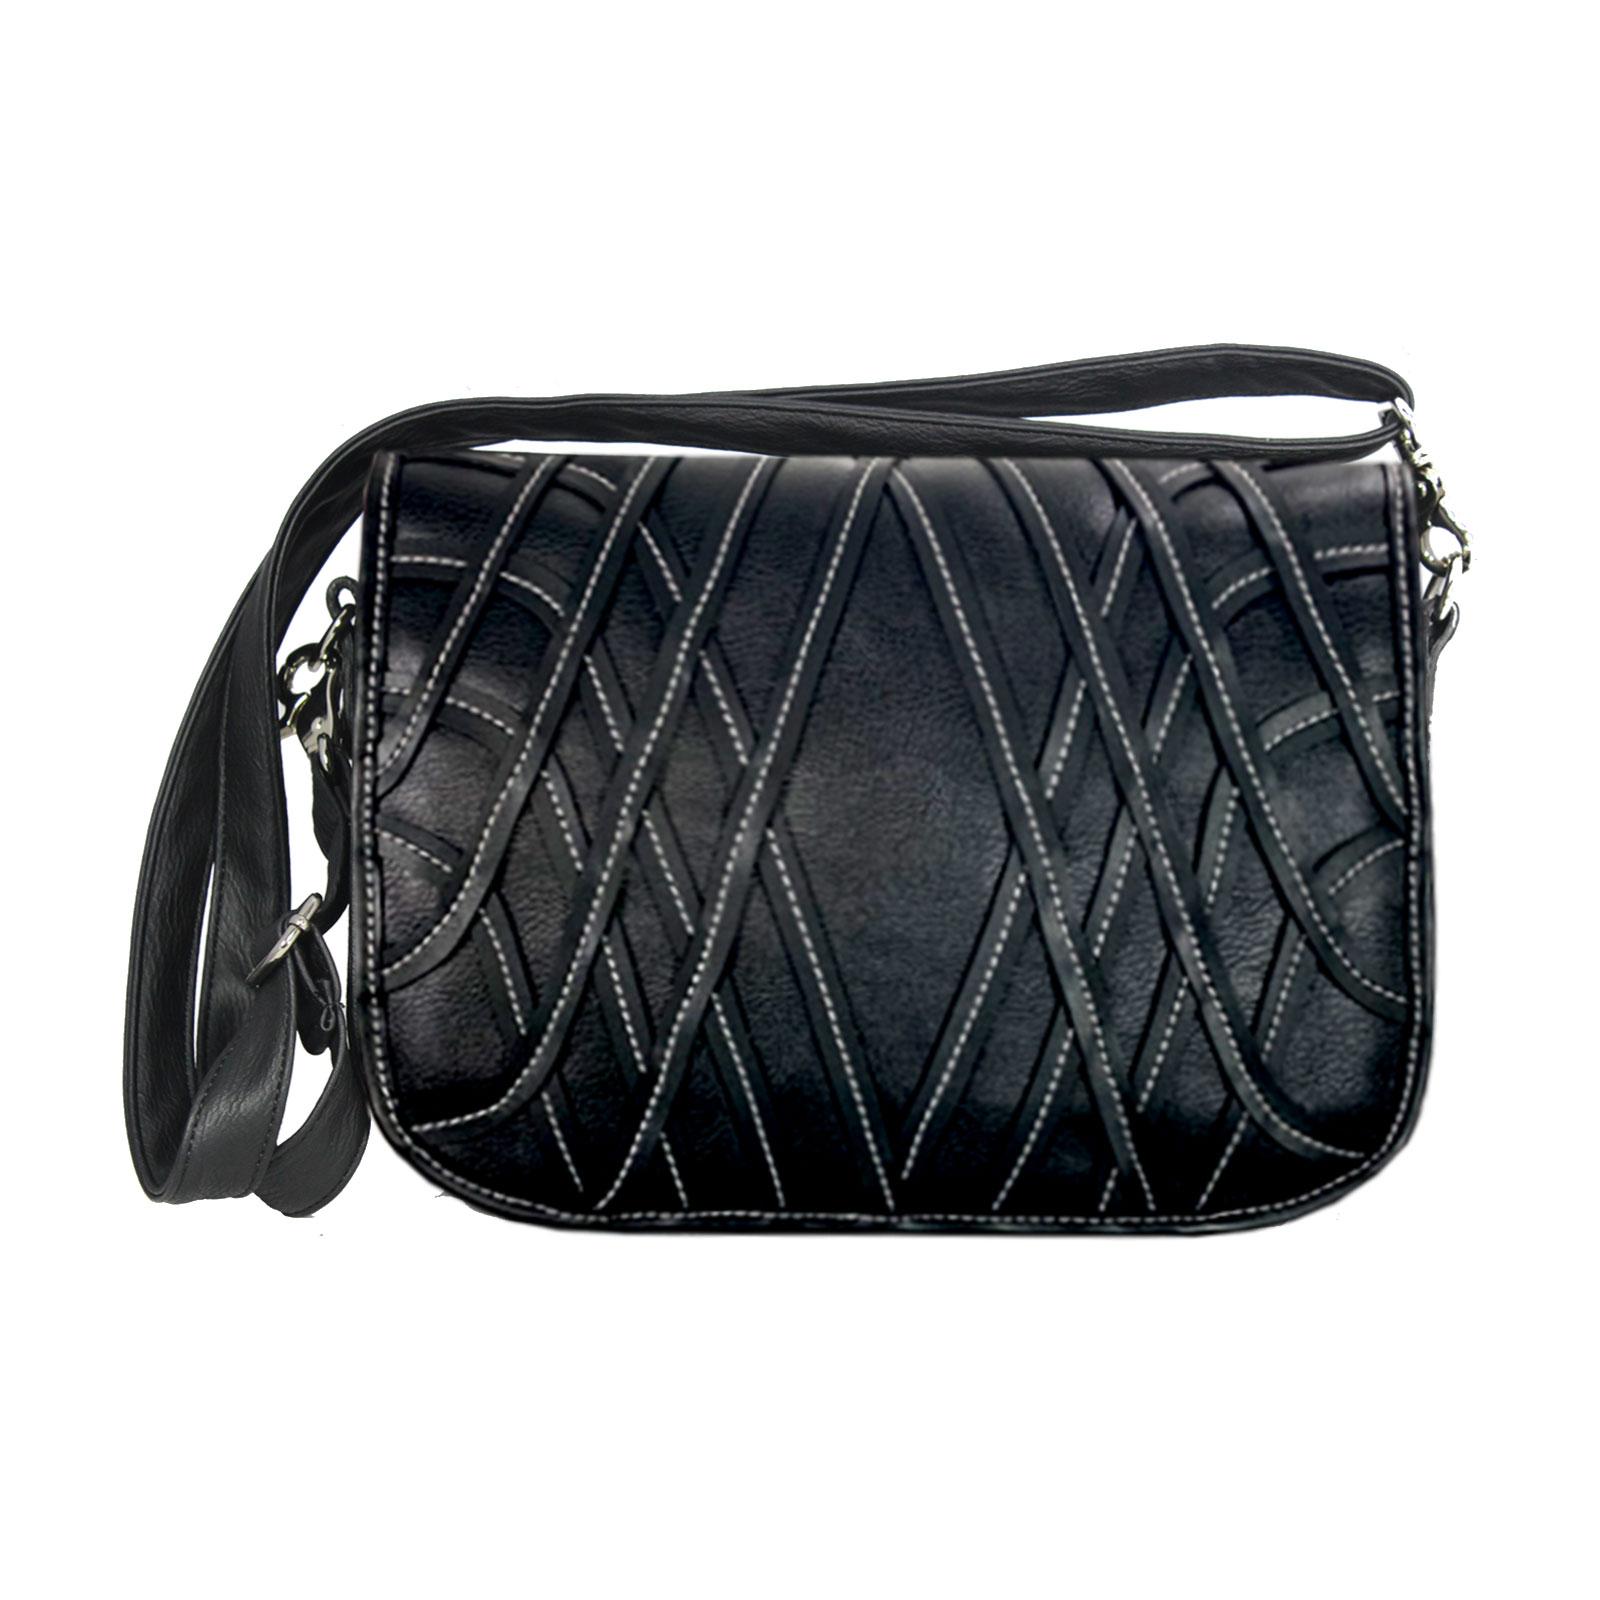 schwarz weiße Handtasche im Set Preis